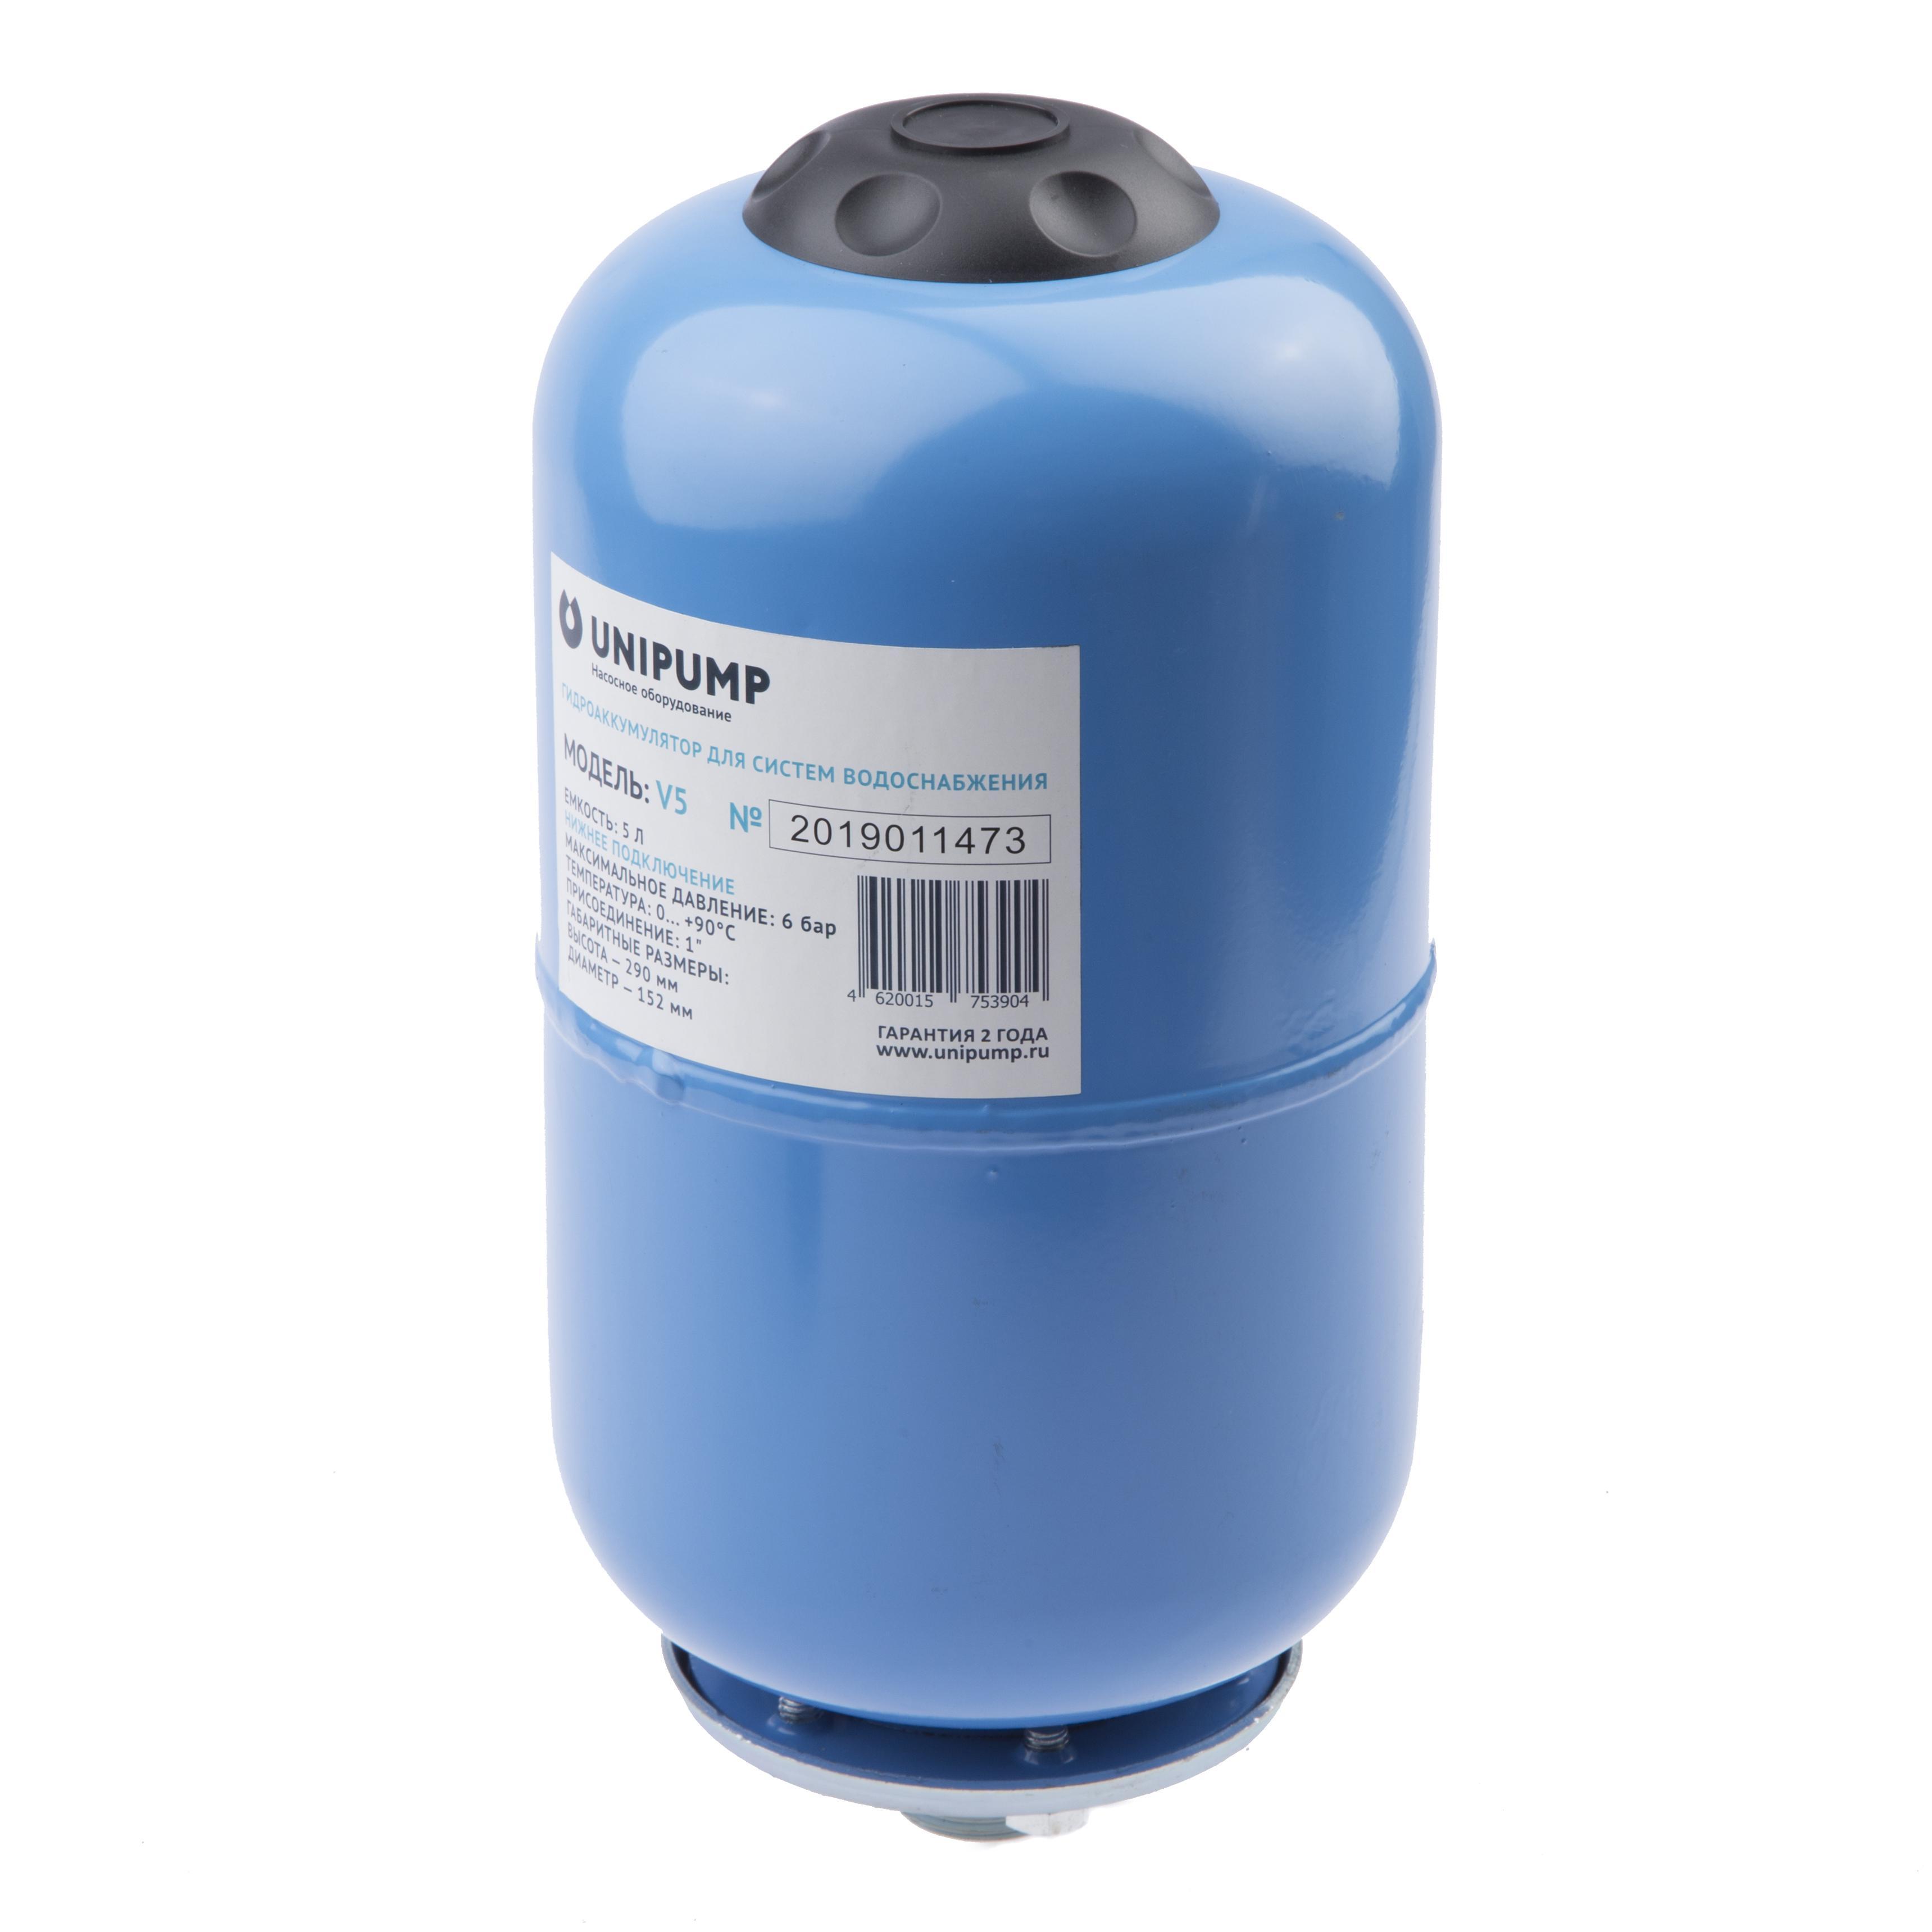 Гидроаккумулятор Unipump 5л.(верт) производители деионизированная вода 5л